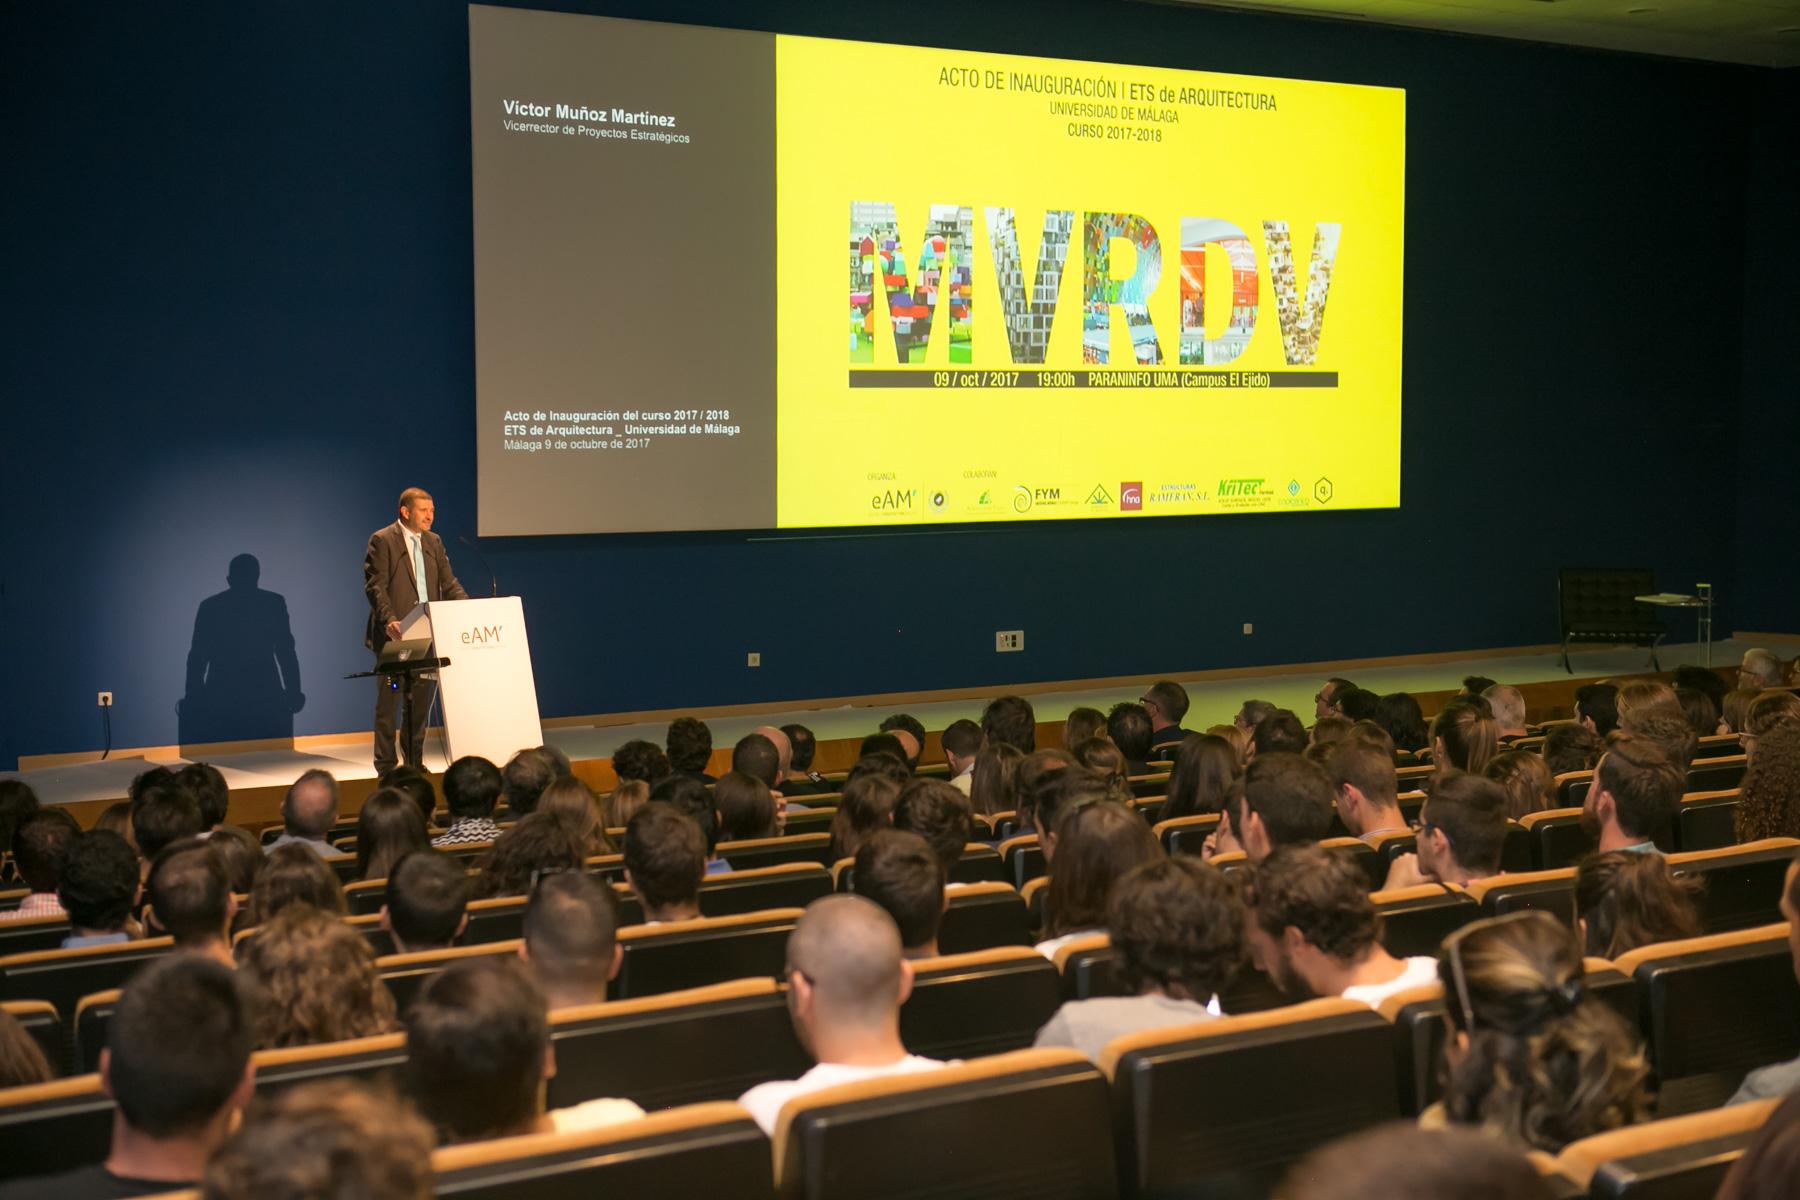 Arquitectura inauguró el curso y entregó los premios proyecto fin de carrera